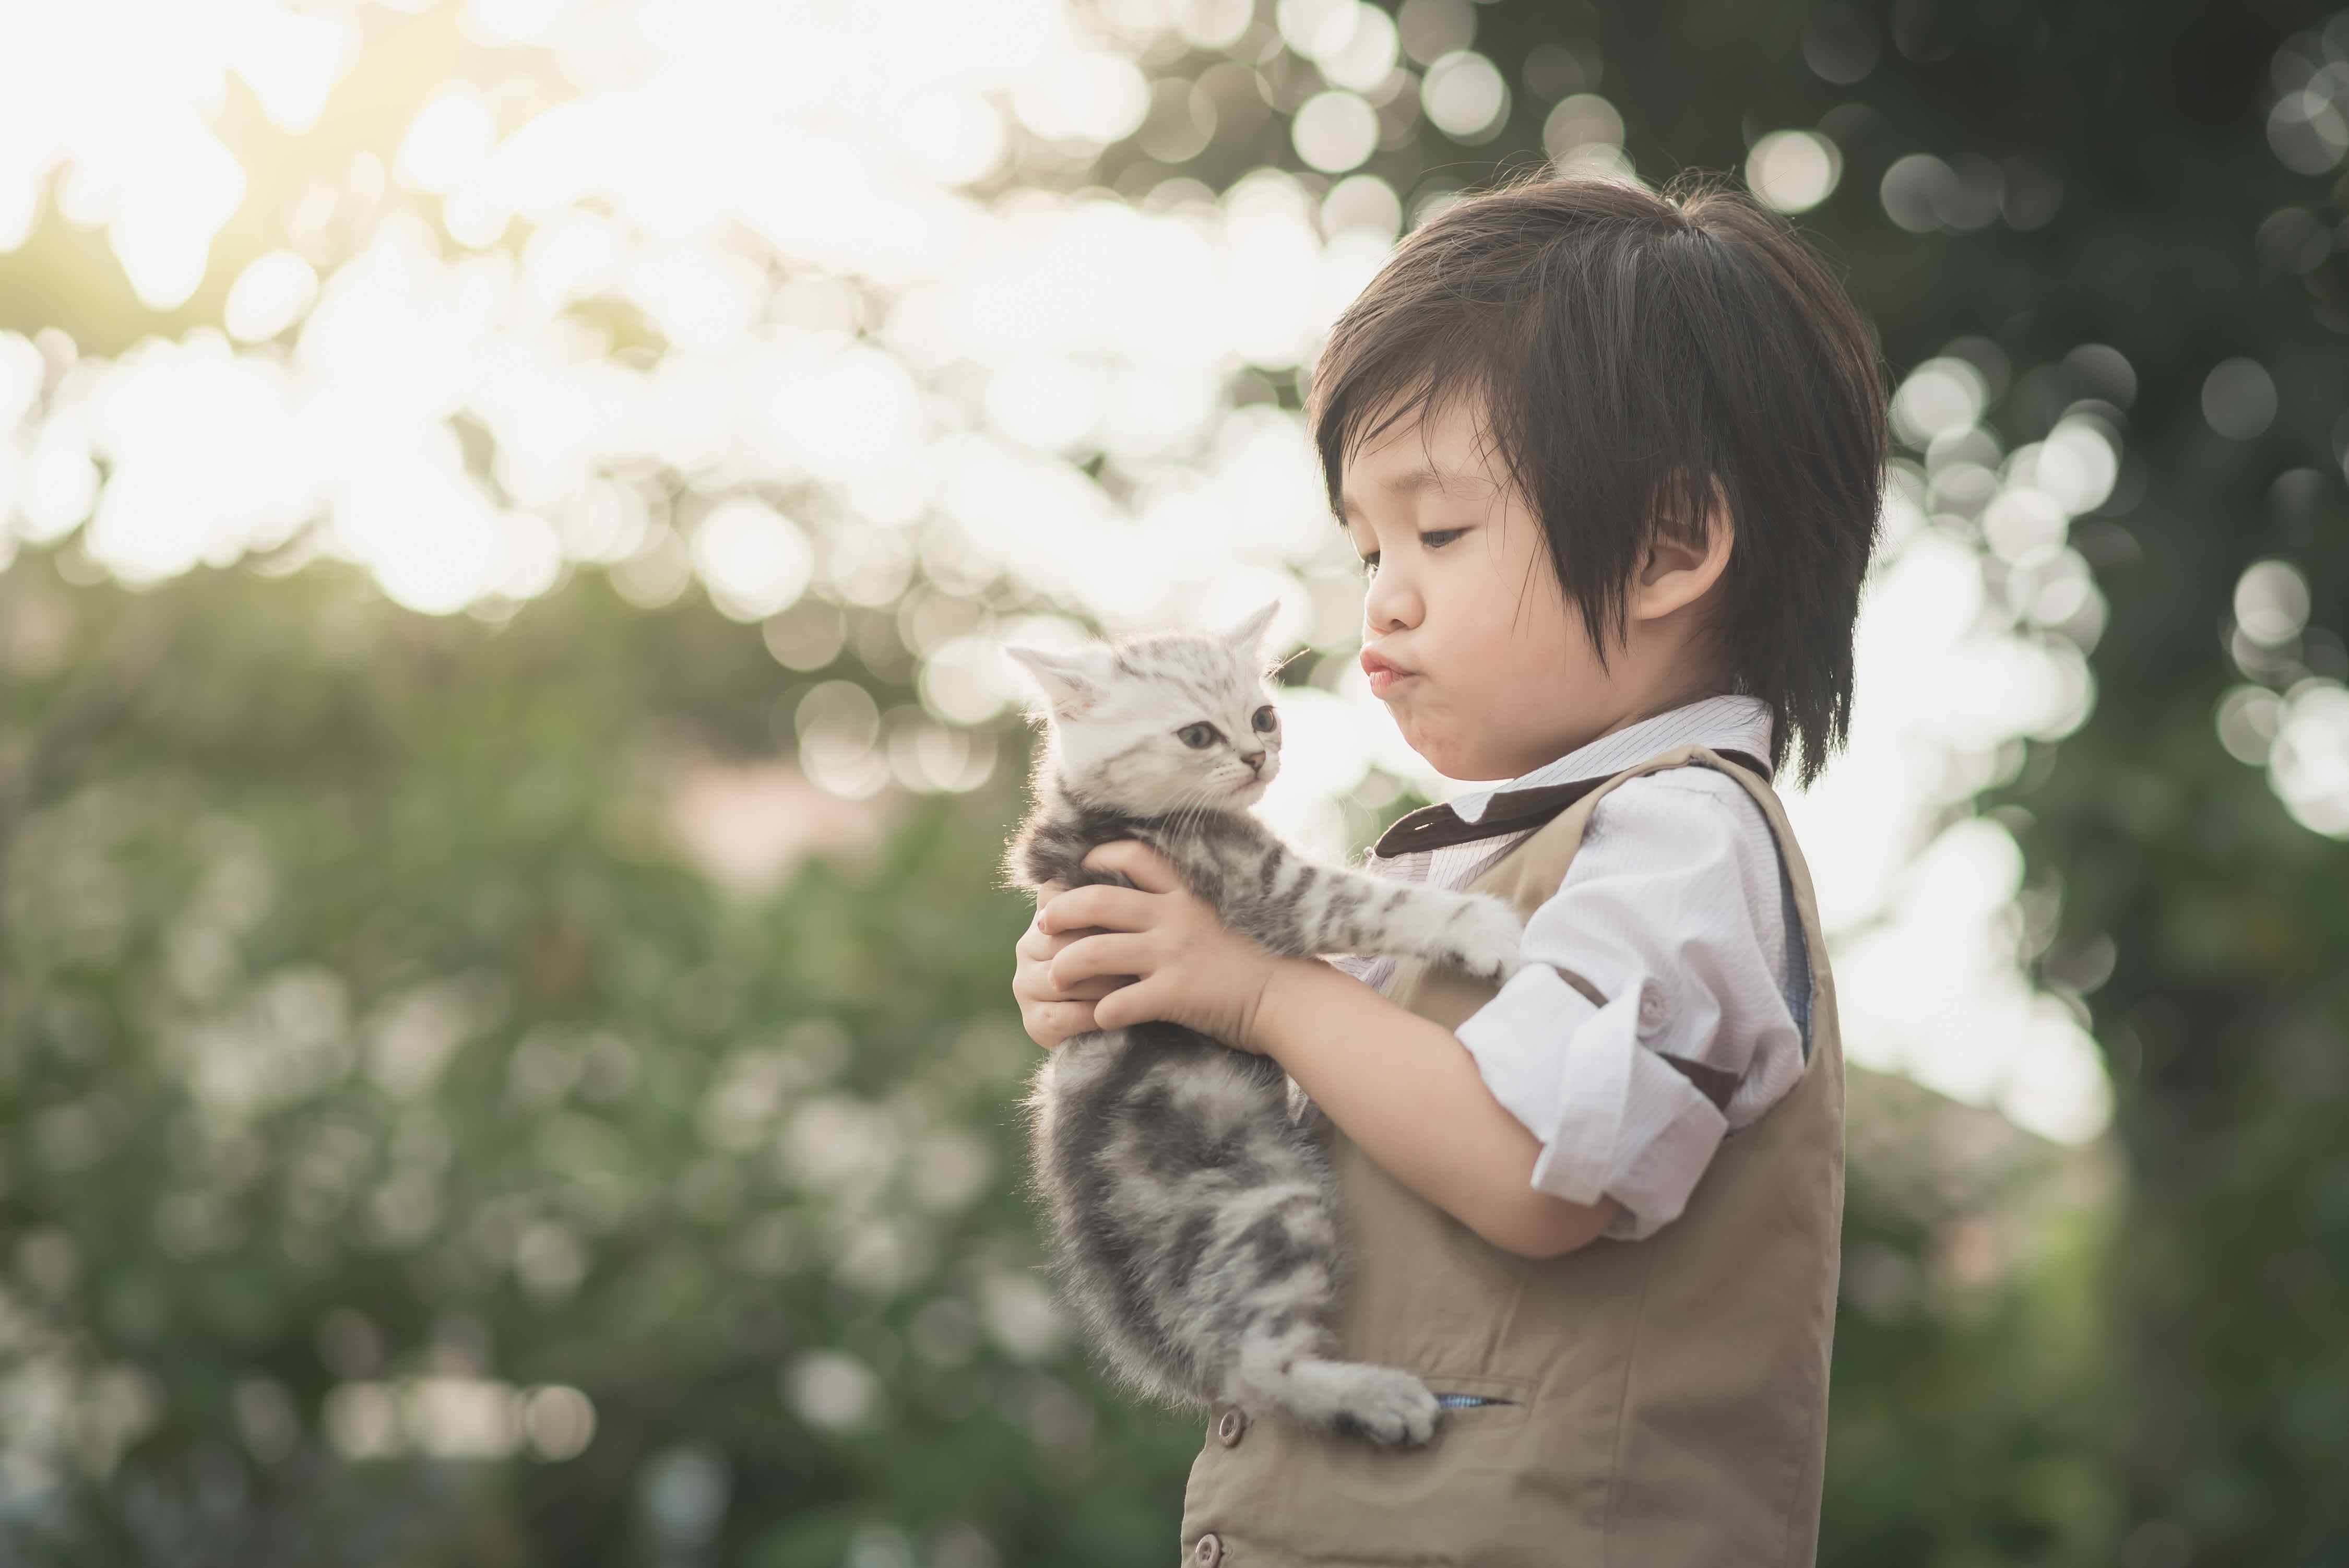 Korean Asian boy with kitten